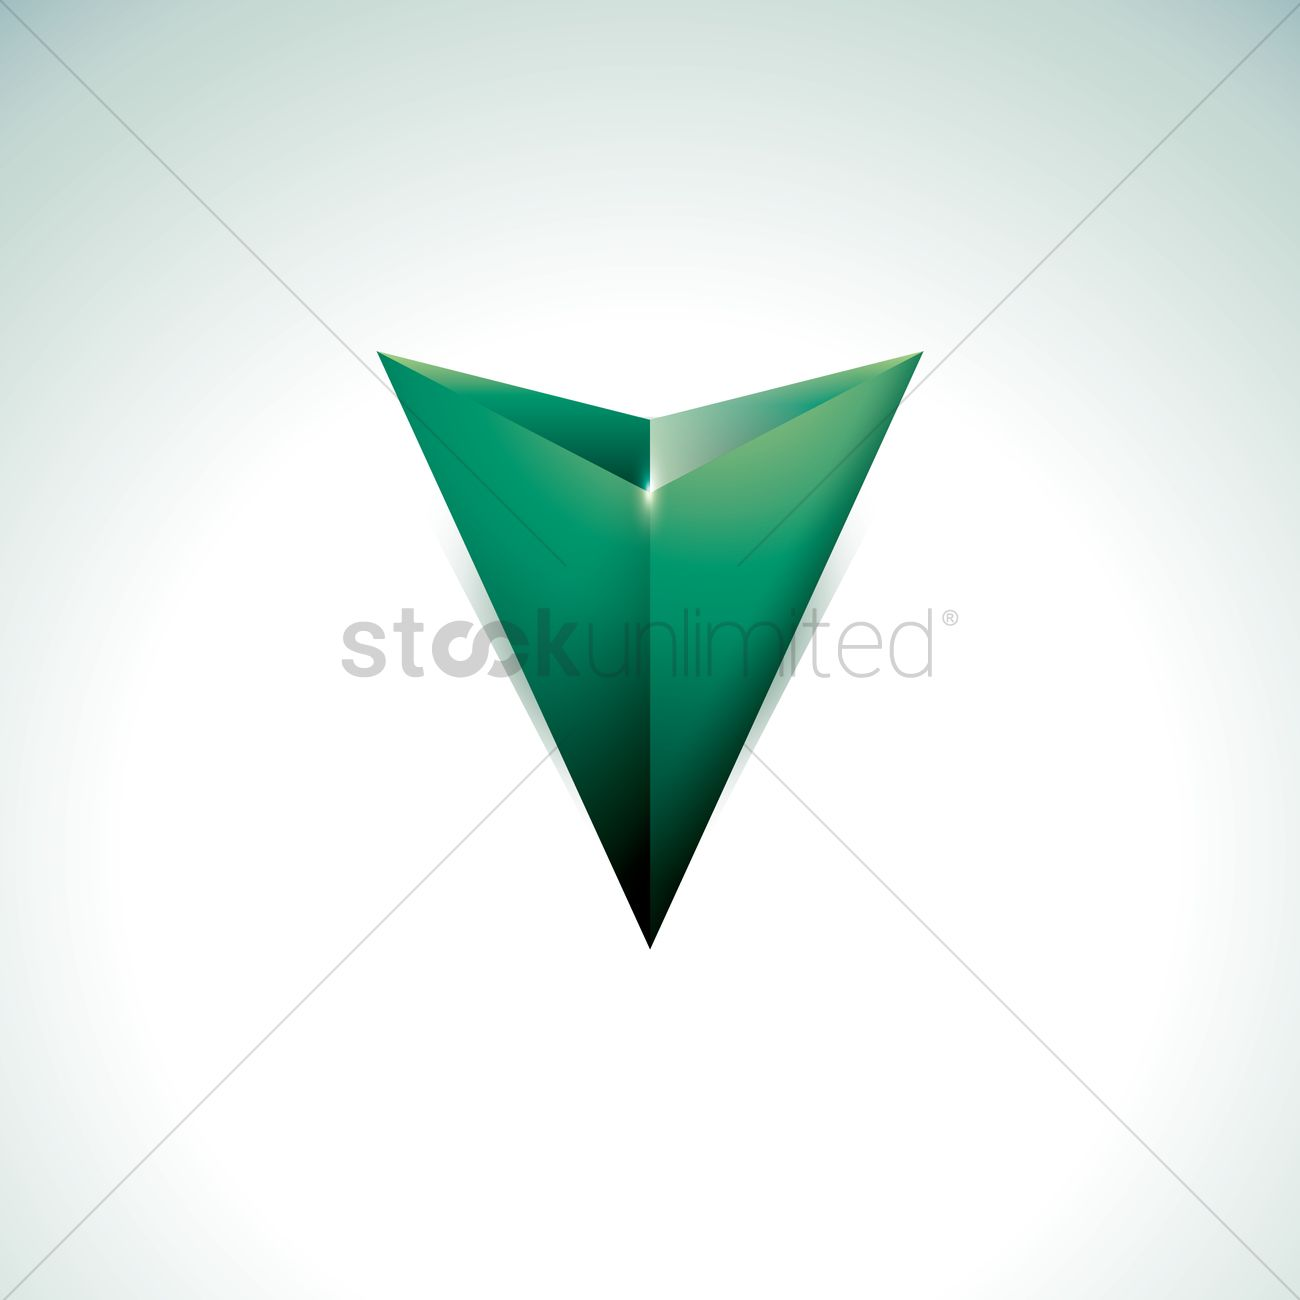 1300x1300 Downward Arrowhead Vector Image